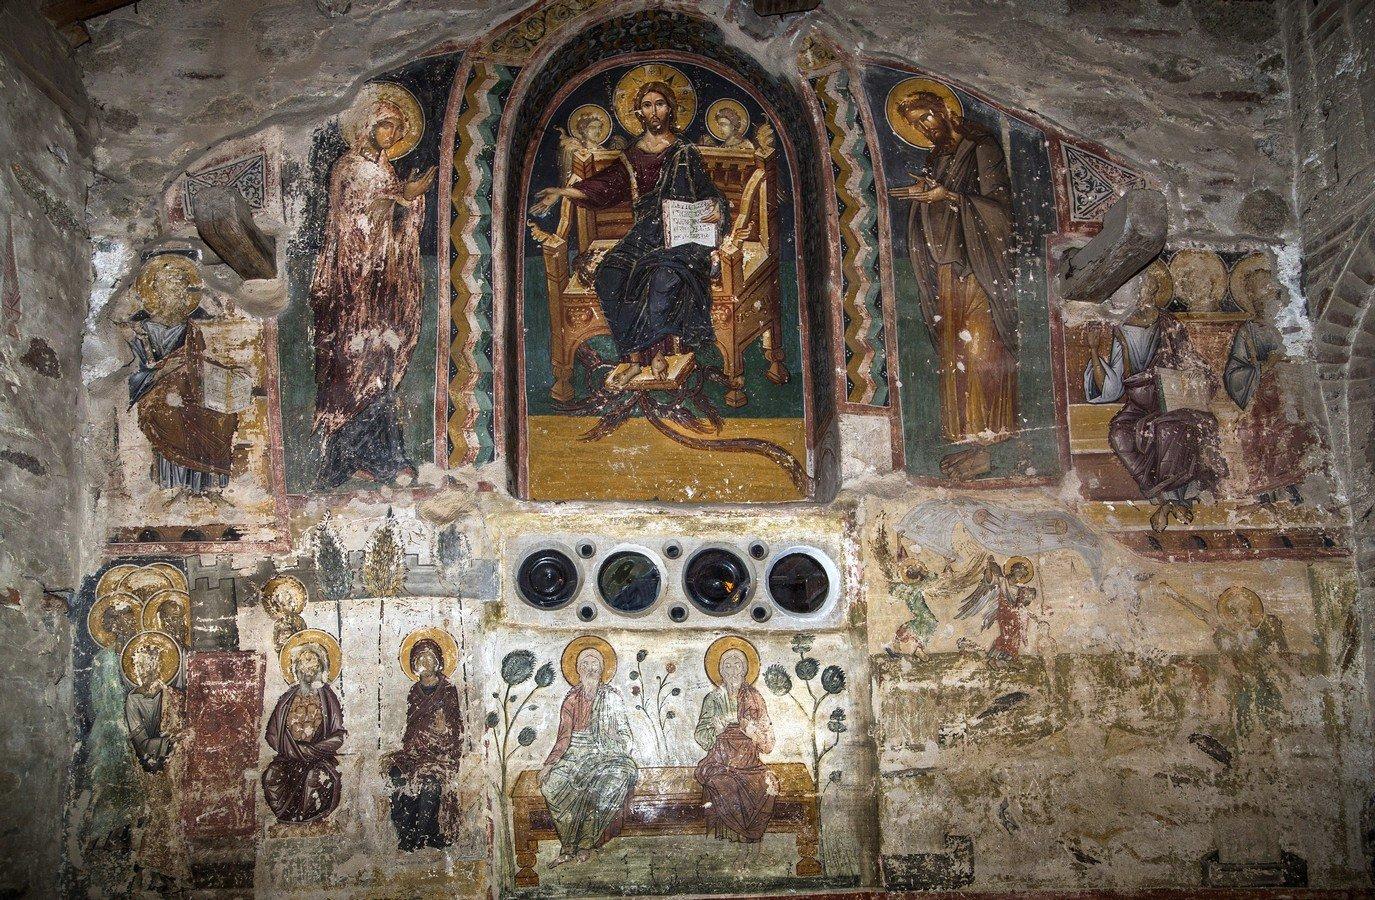 Страшный Суд. Фреска монастыря Великий Метеор, Метеоры, Греция.